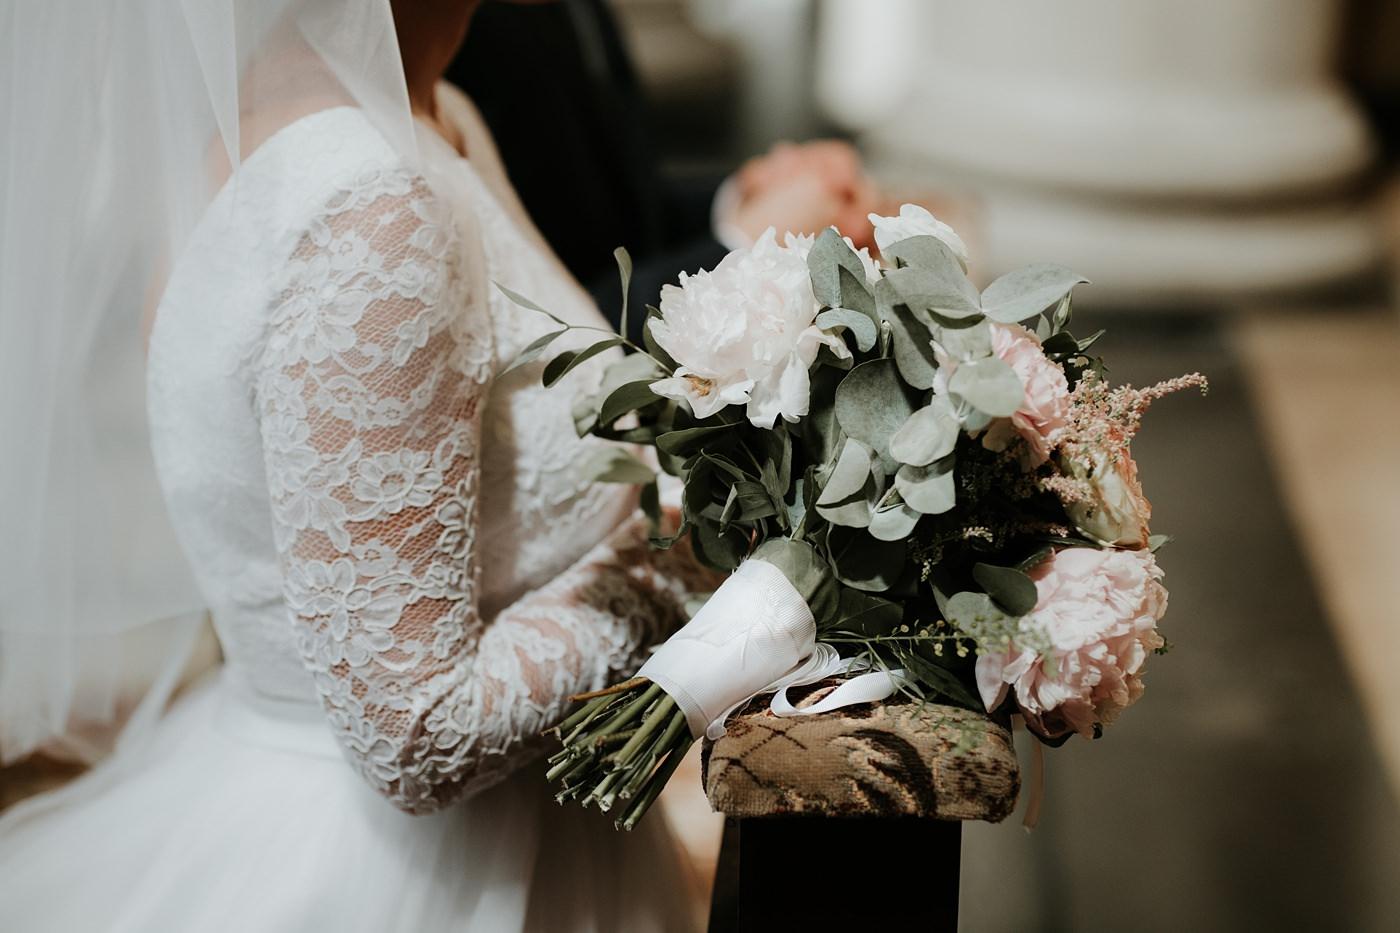 Dominika & Aleksander - Rustykalne wesele w stodole - Baborówko 64